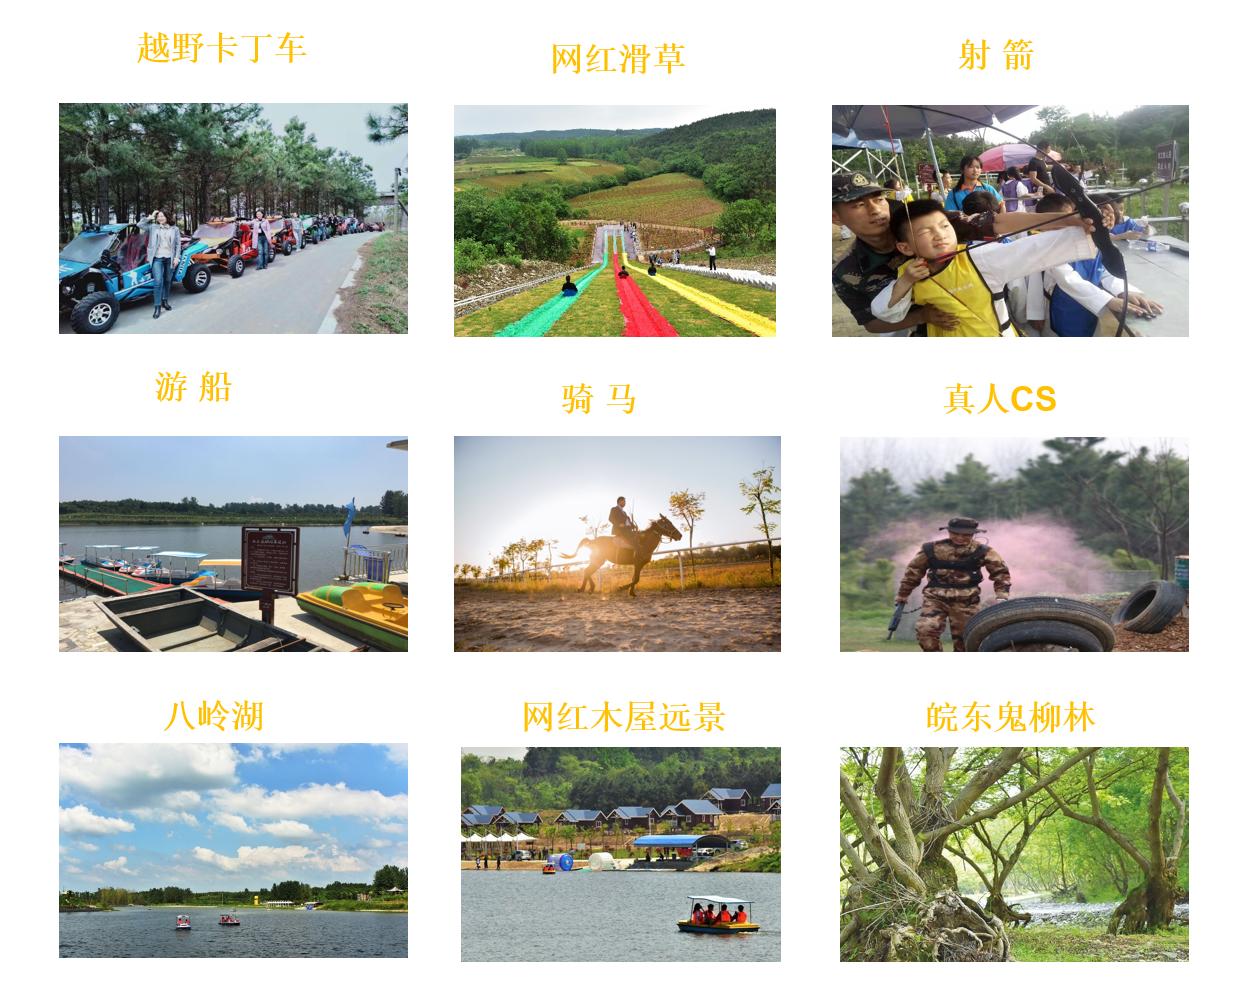 滁州八岭湖景区游玩